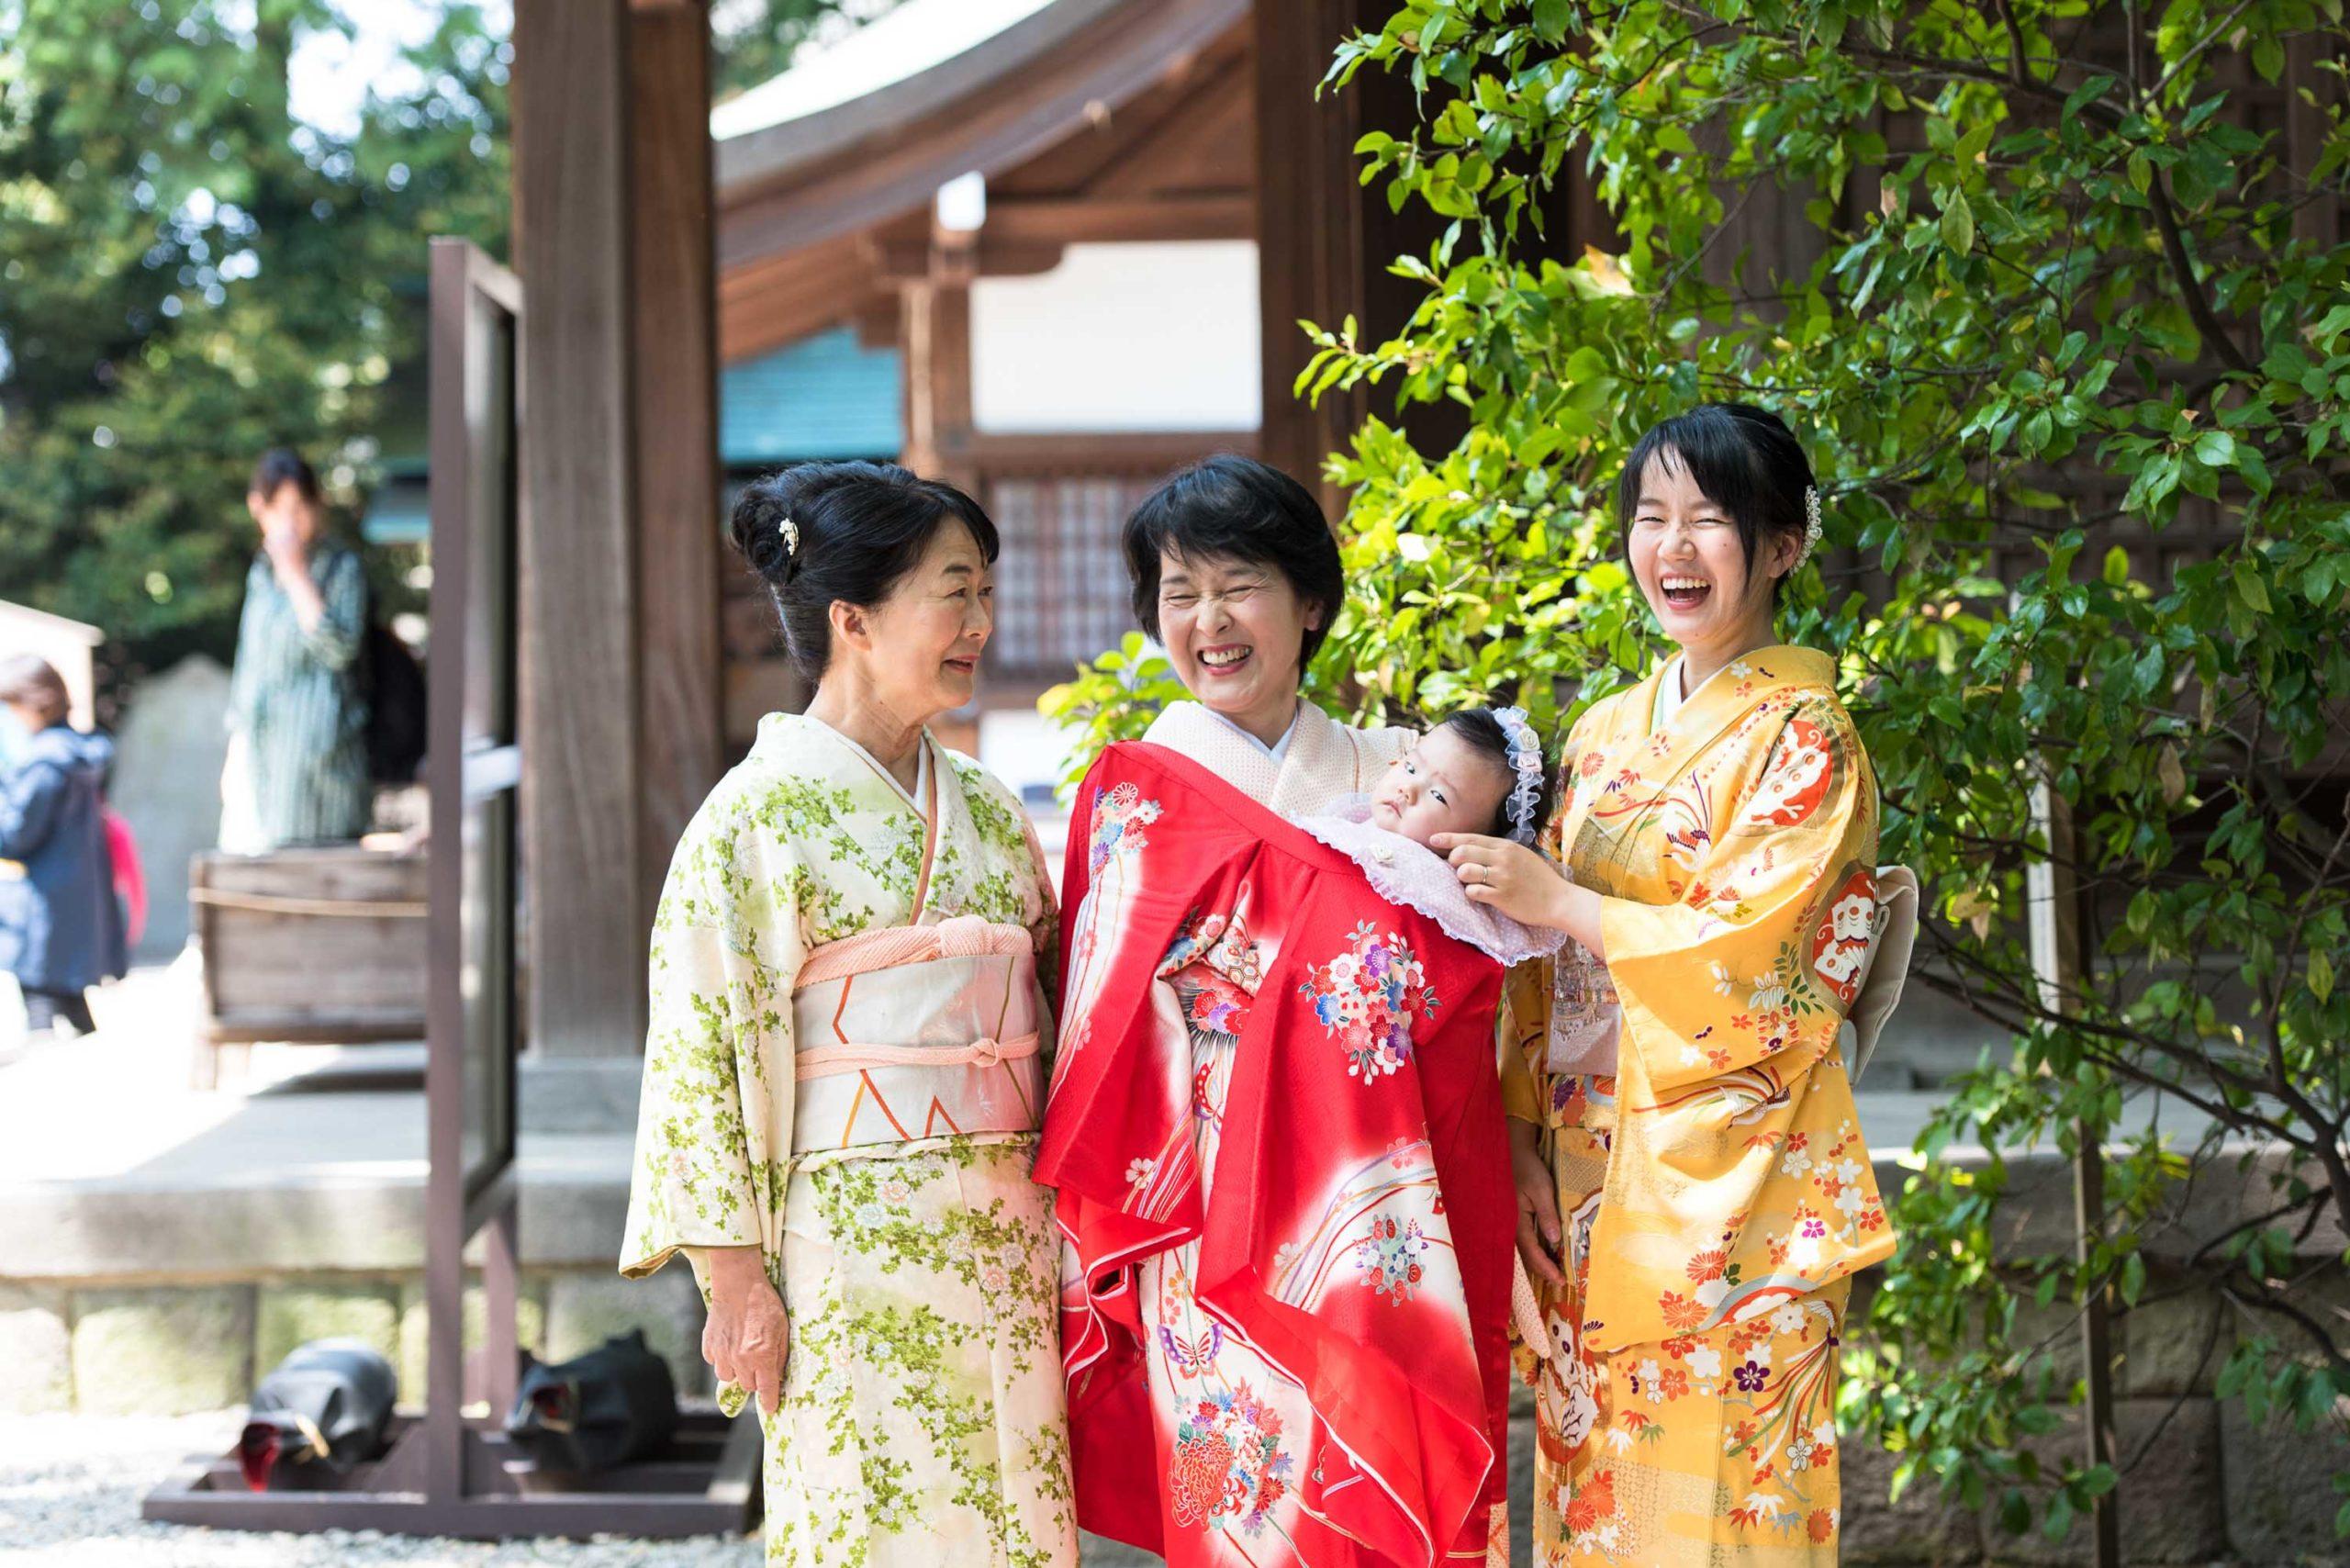 着物を着て並び笑う三人の女性真ん中の女性が赤ちゃんを抱いている